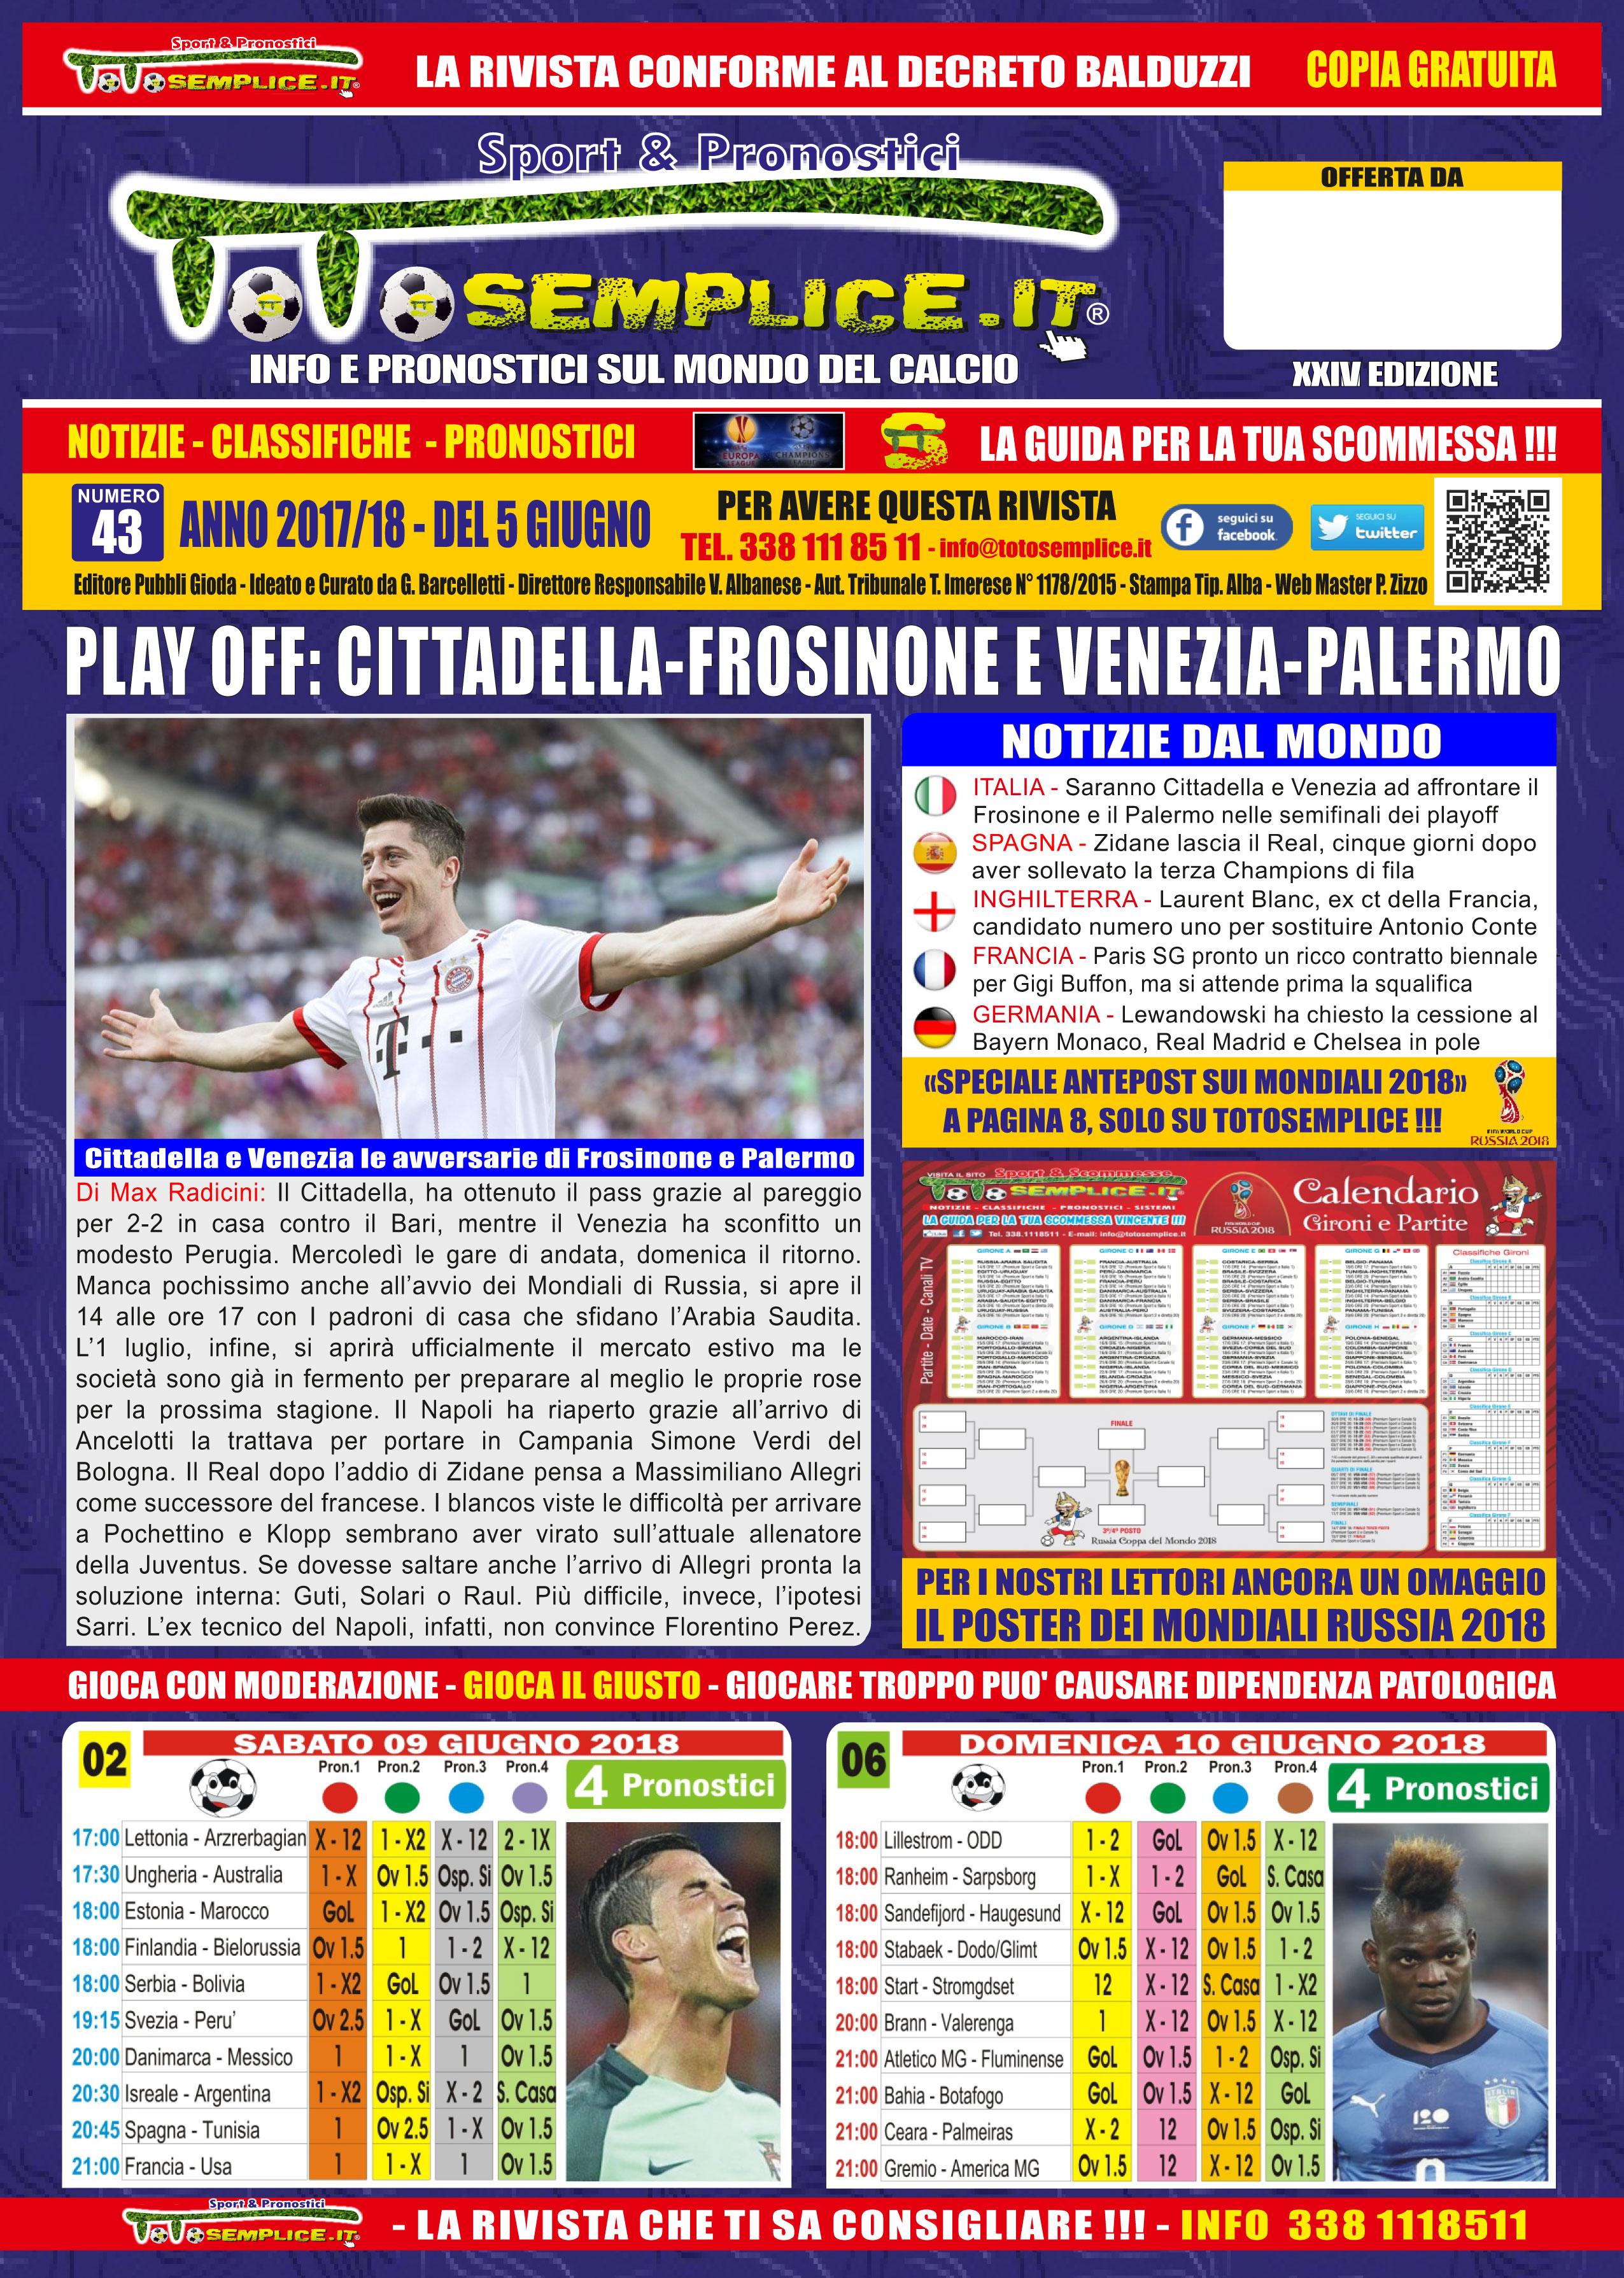 Totosemplice.it n.43 del 5 Giugno 2018